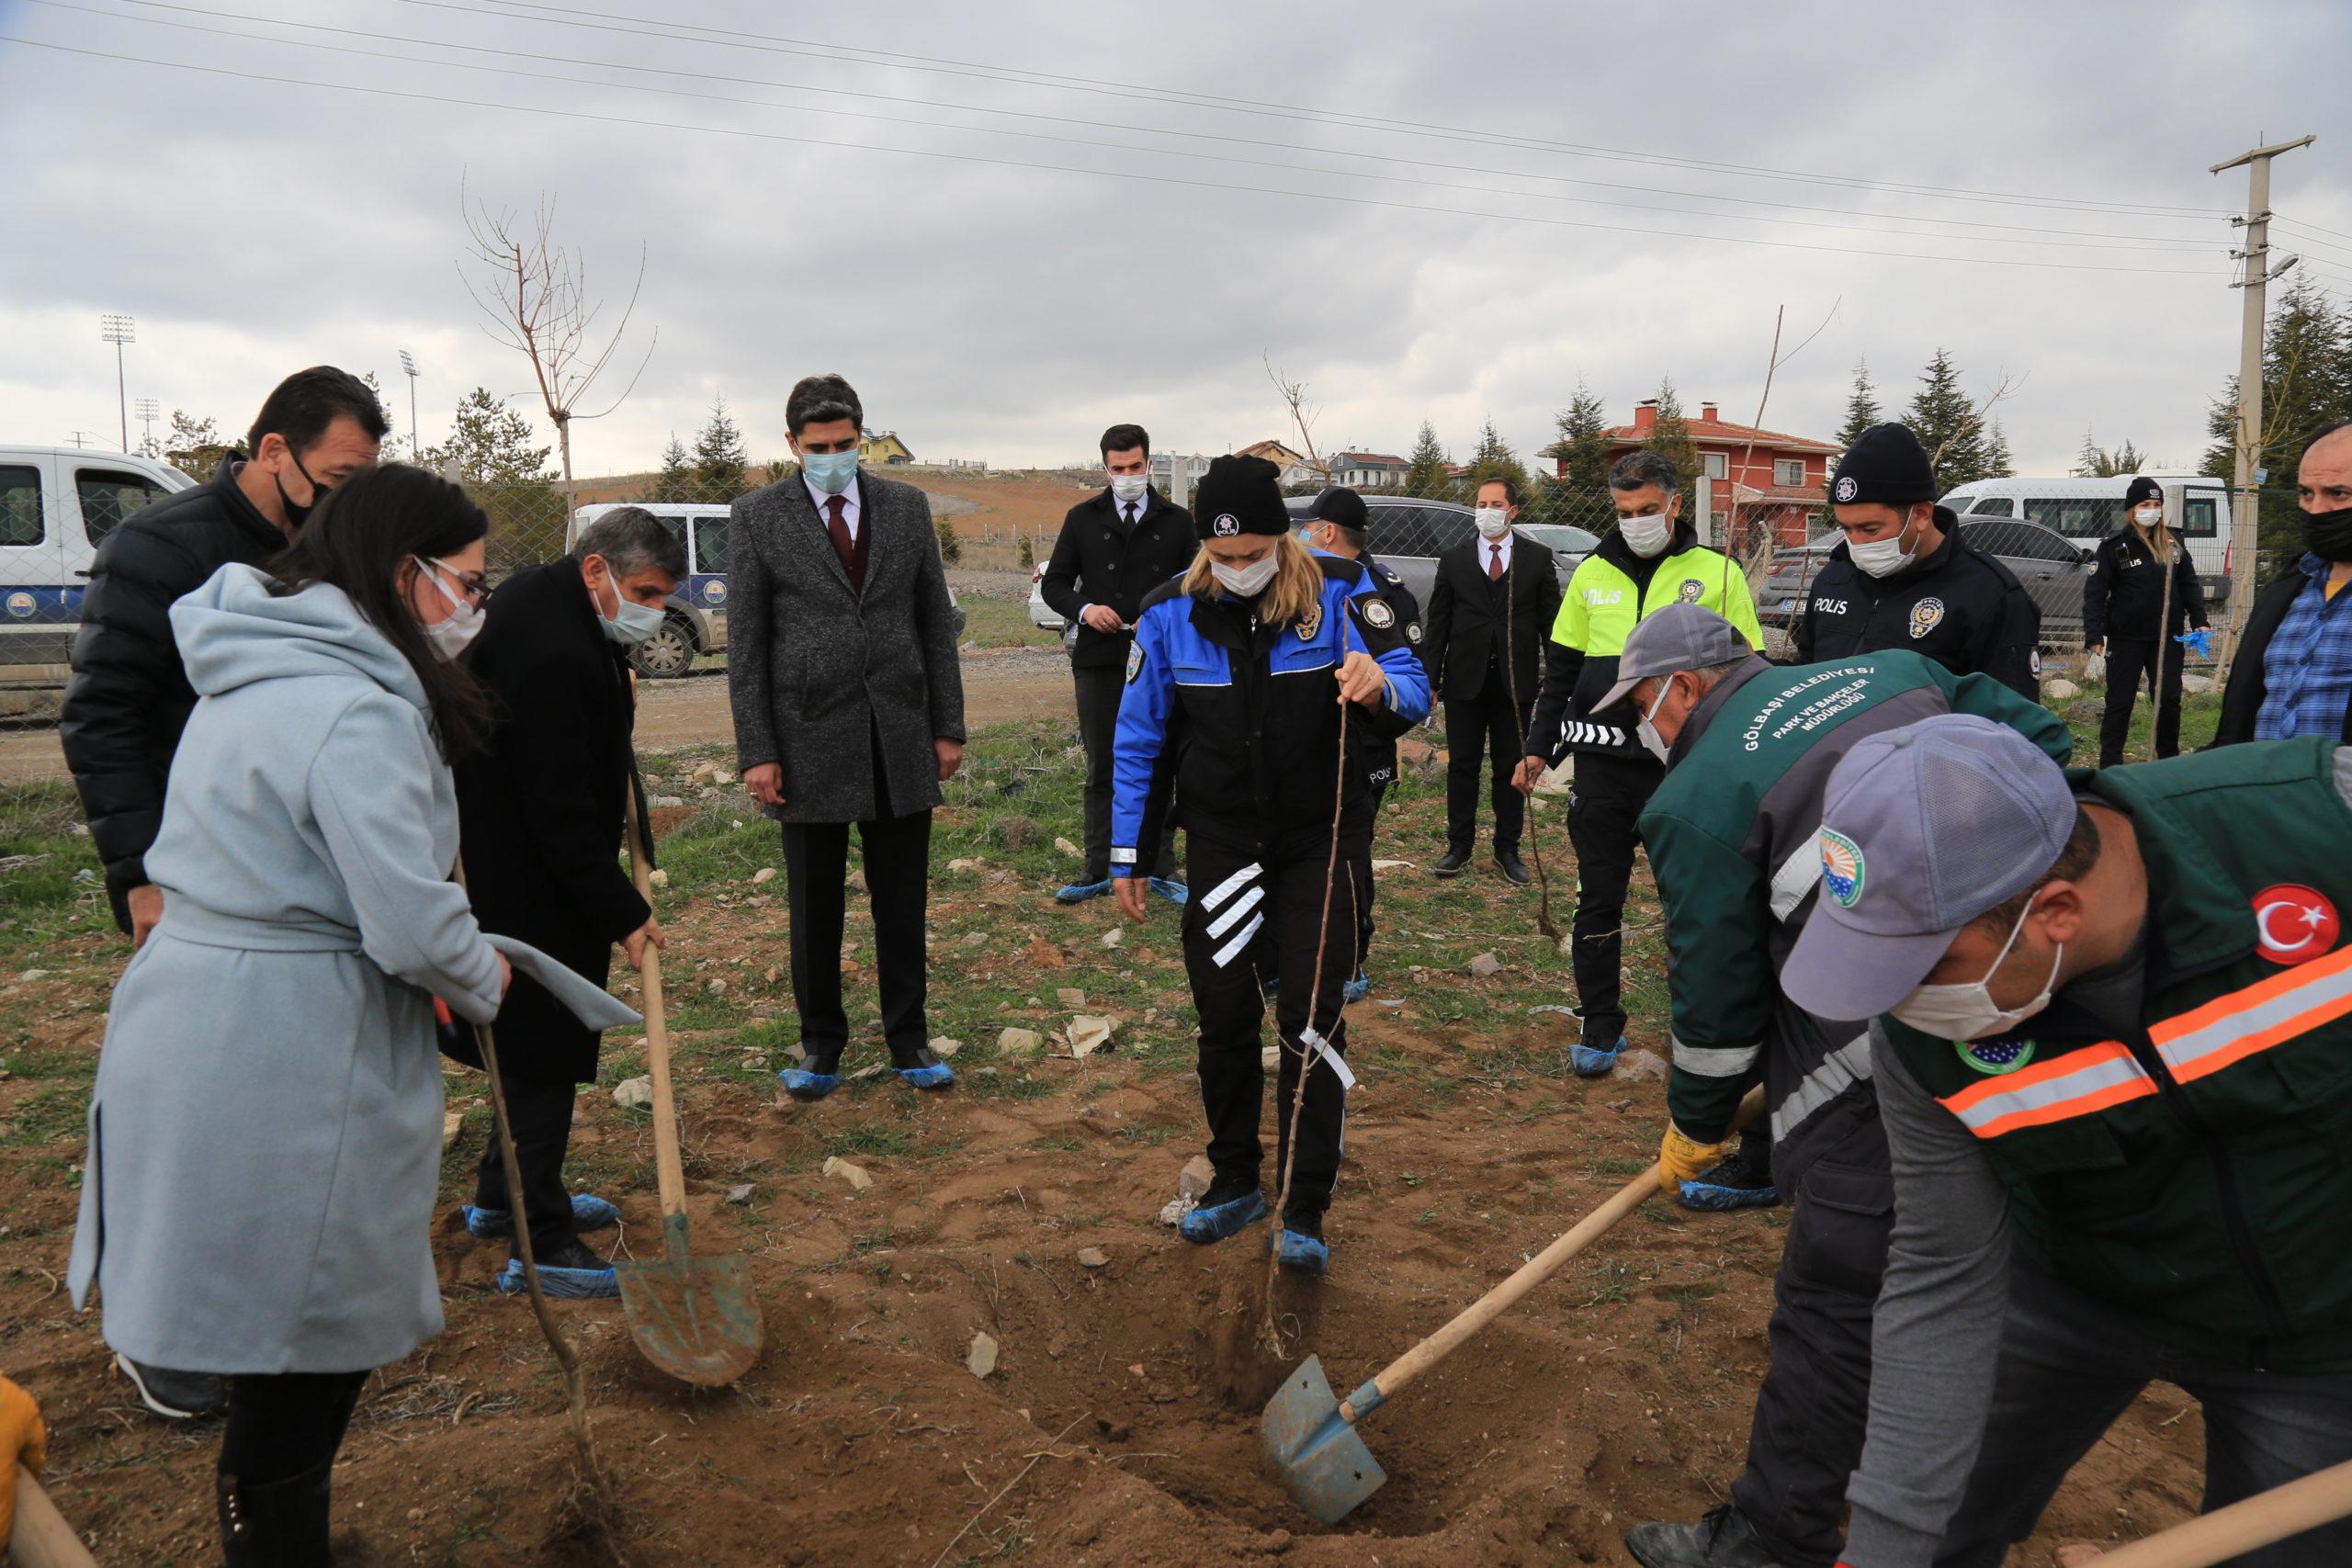 Gölbaşı'nda Türk Polis Teşkilatına Özel Ağaç Dikme Etkinliği